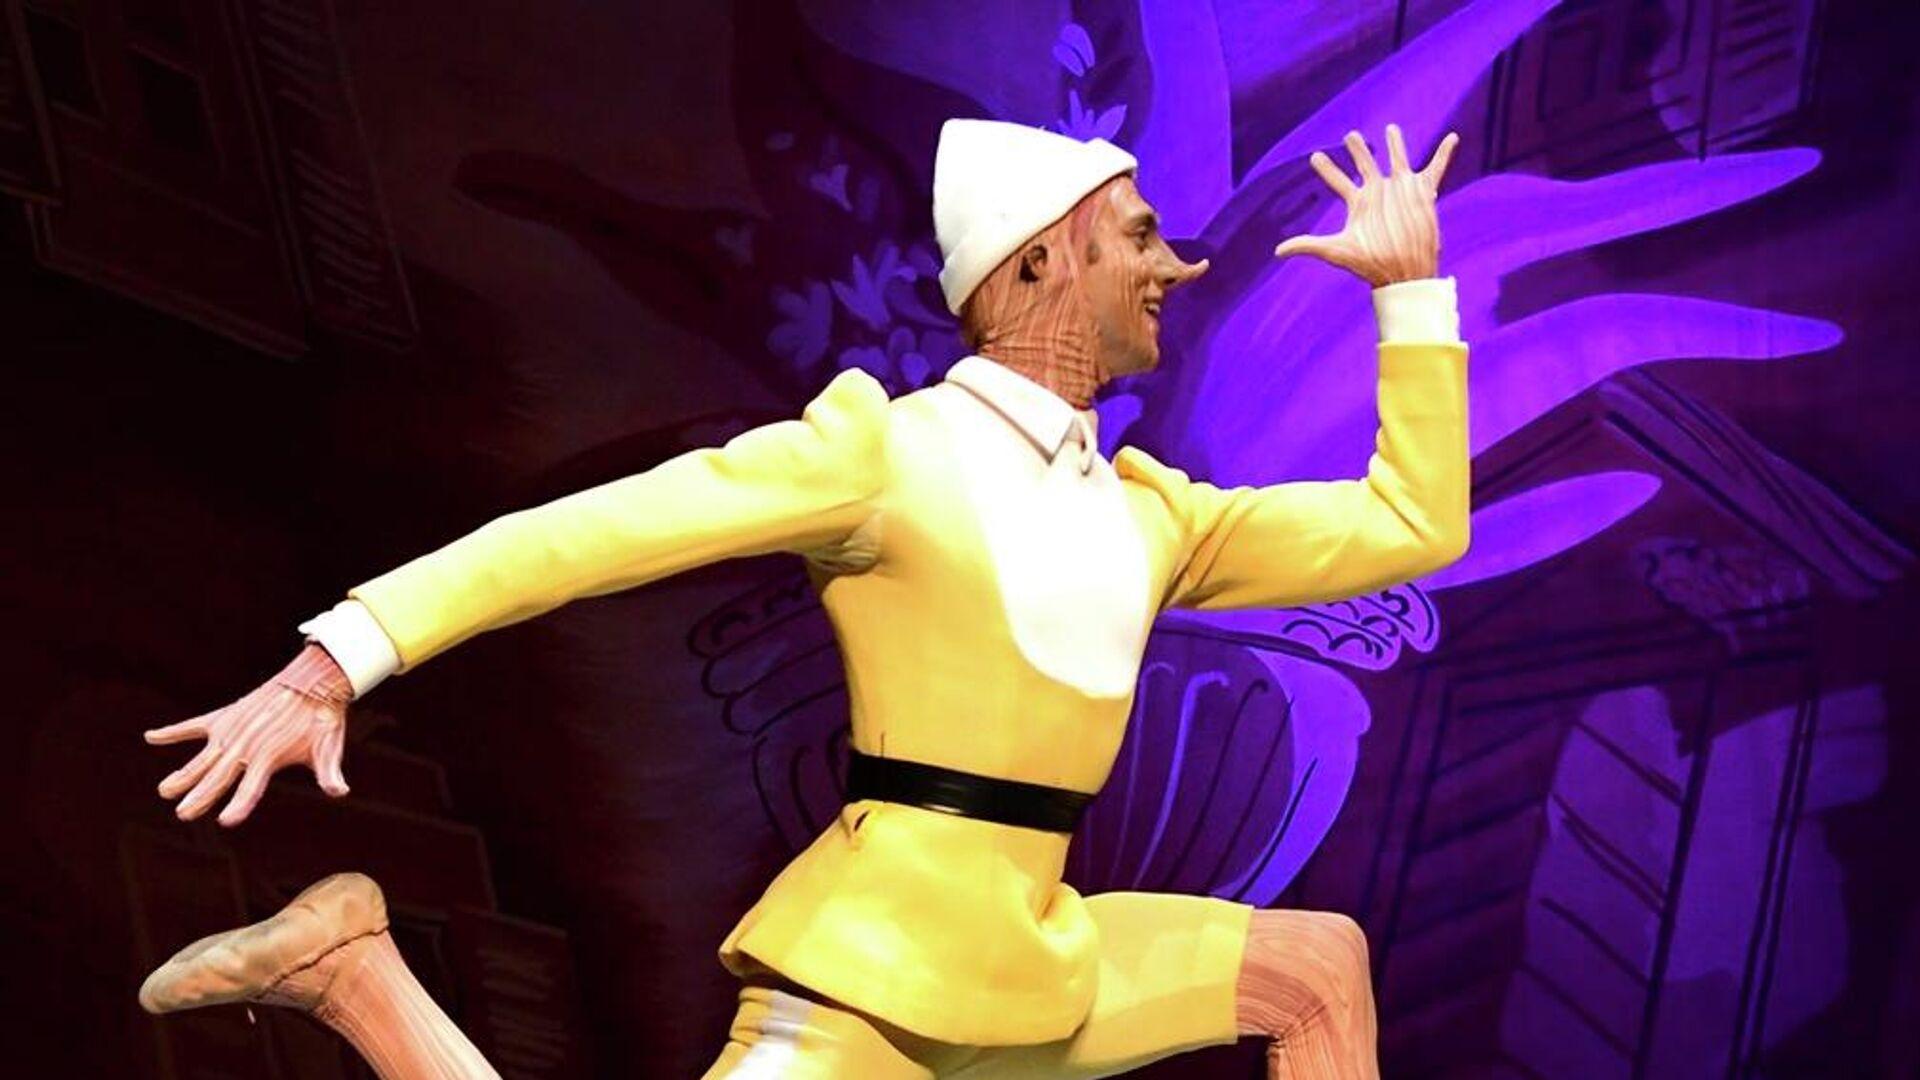 Афиша балета Пиноккио в Театре оперы и балета им. З. Палиашвили - Sputnik Грузия, 1920, 01.10.2021